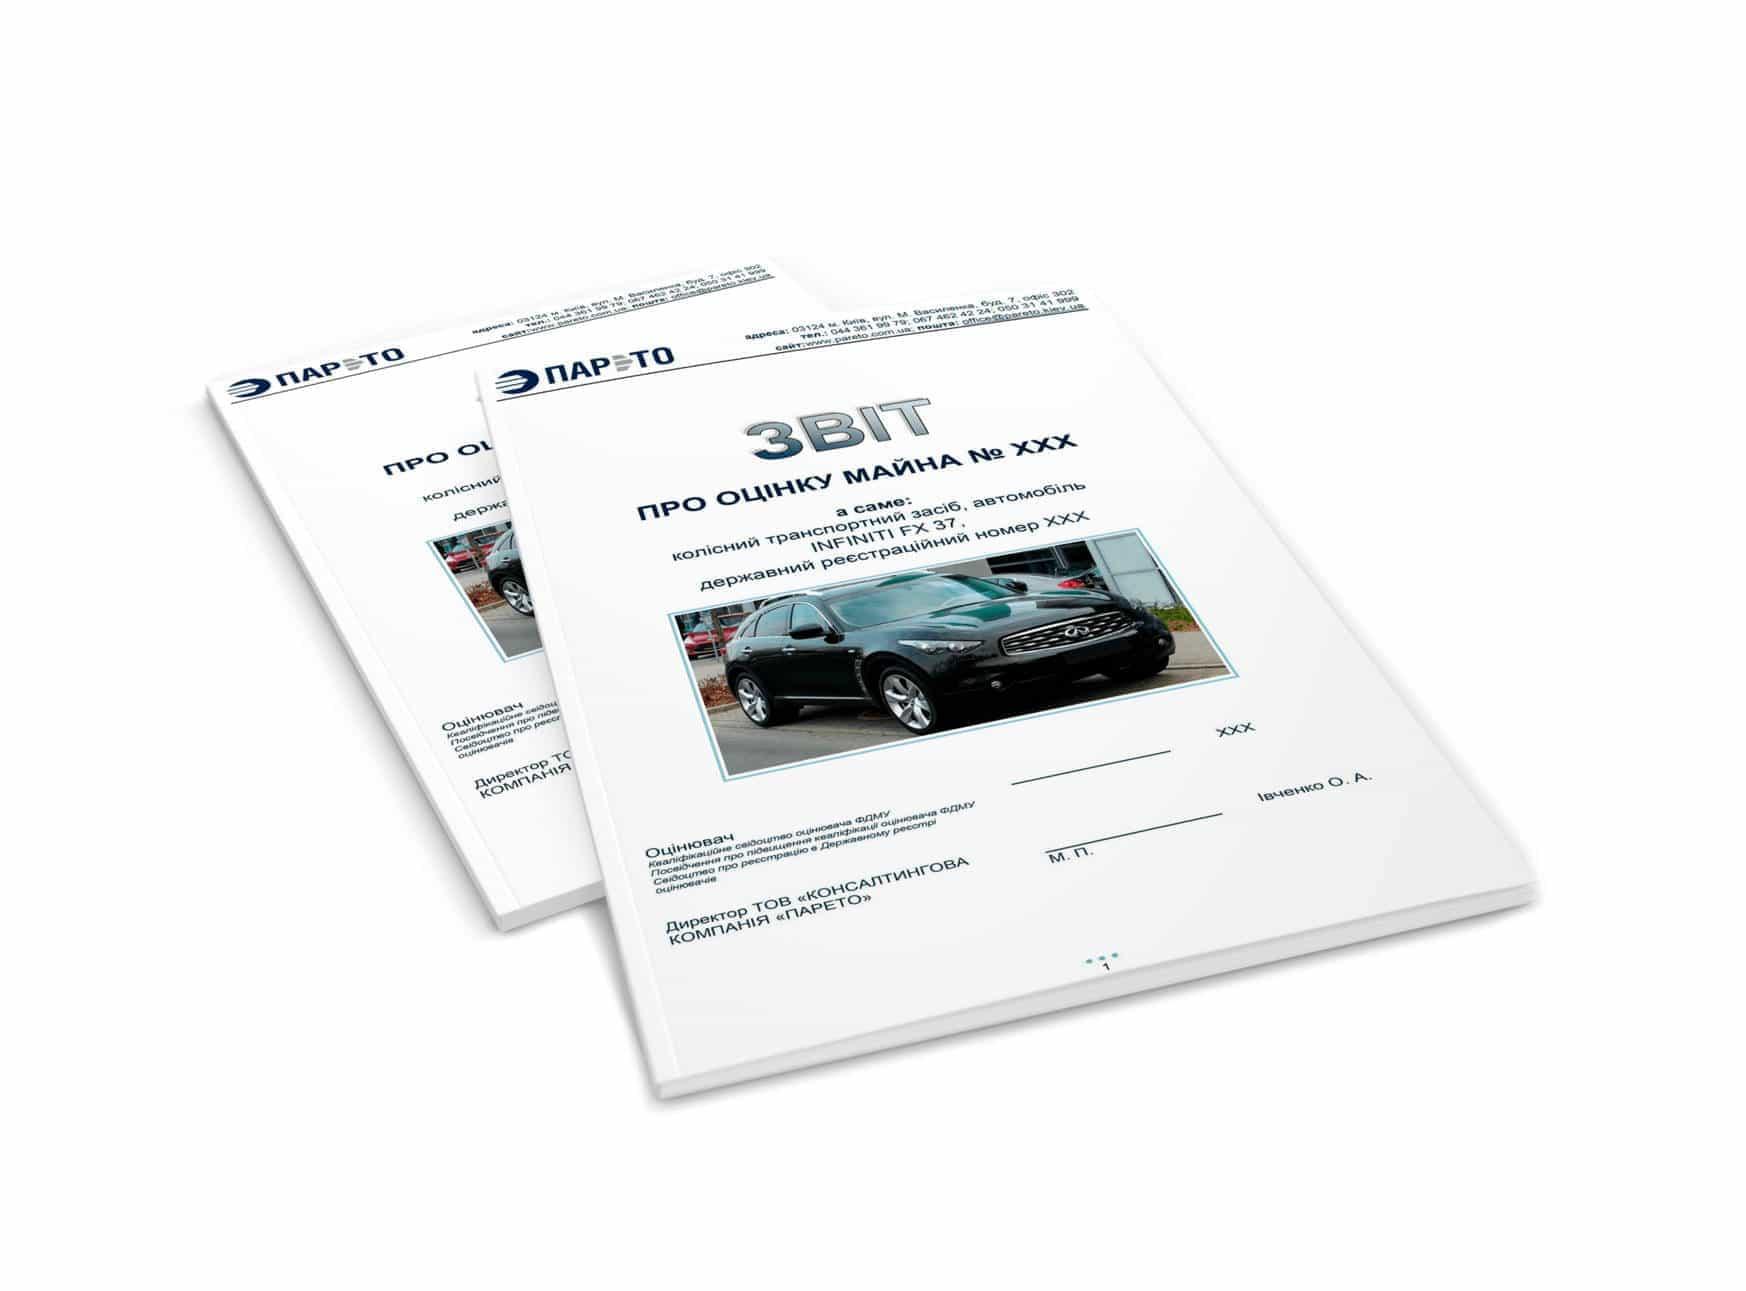 Приклад звіту про оцінку автомобіля, ЕКСПЕРТНА ОЦІНКА АВТОМОБІЛІВ